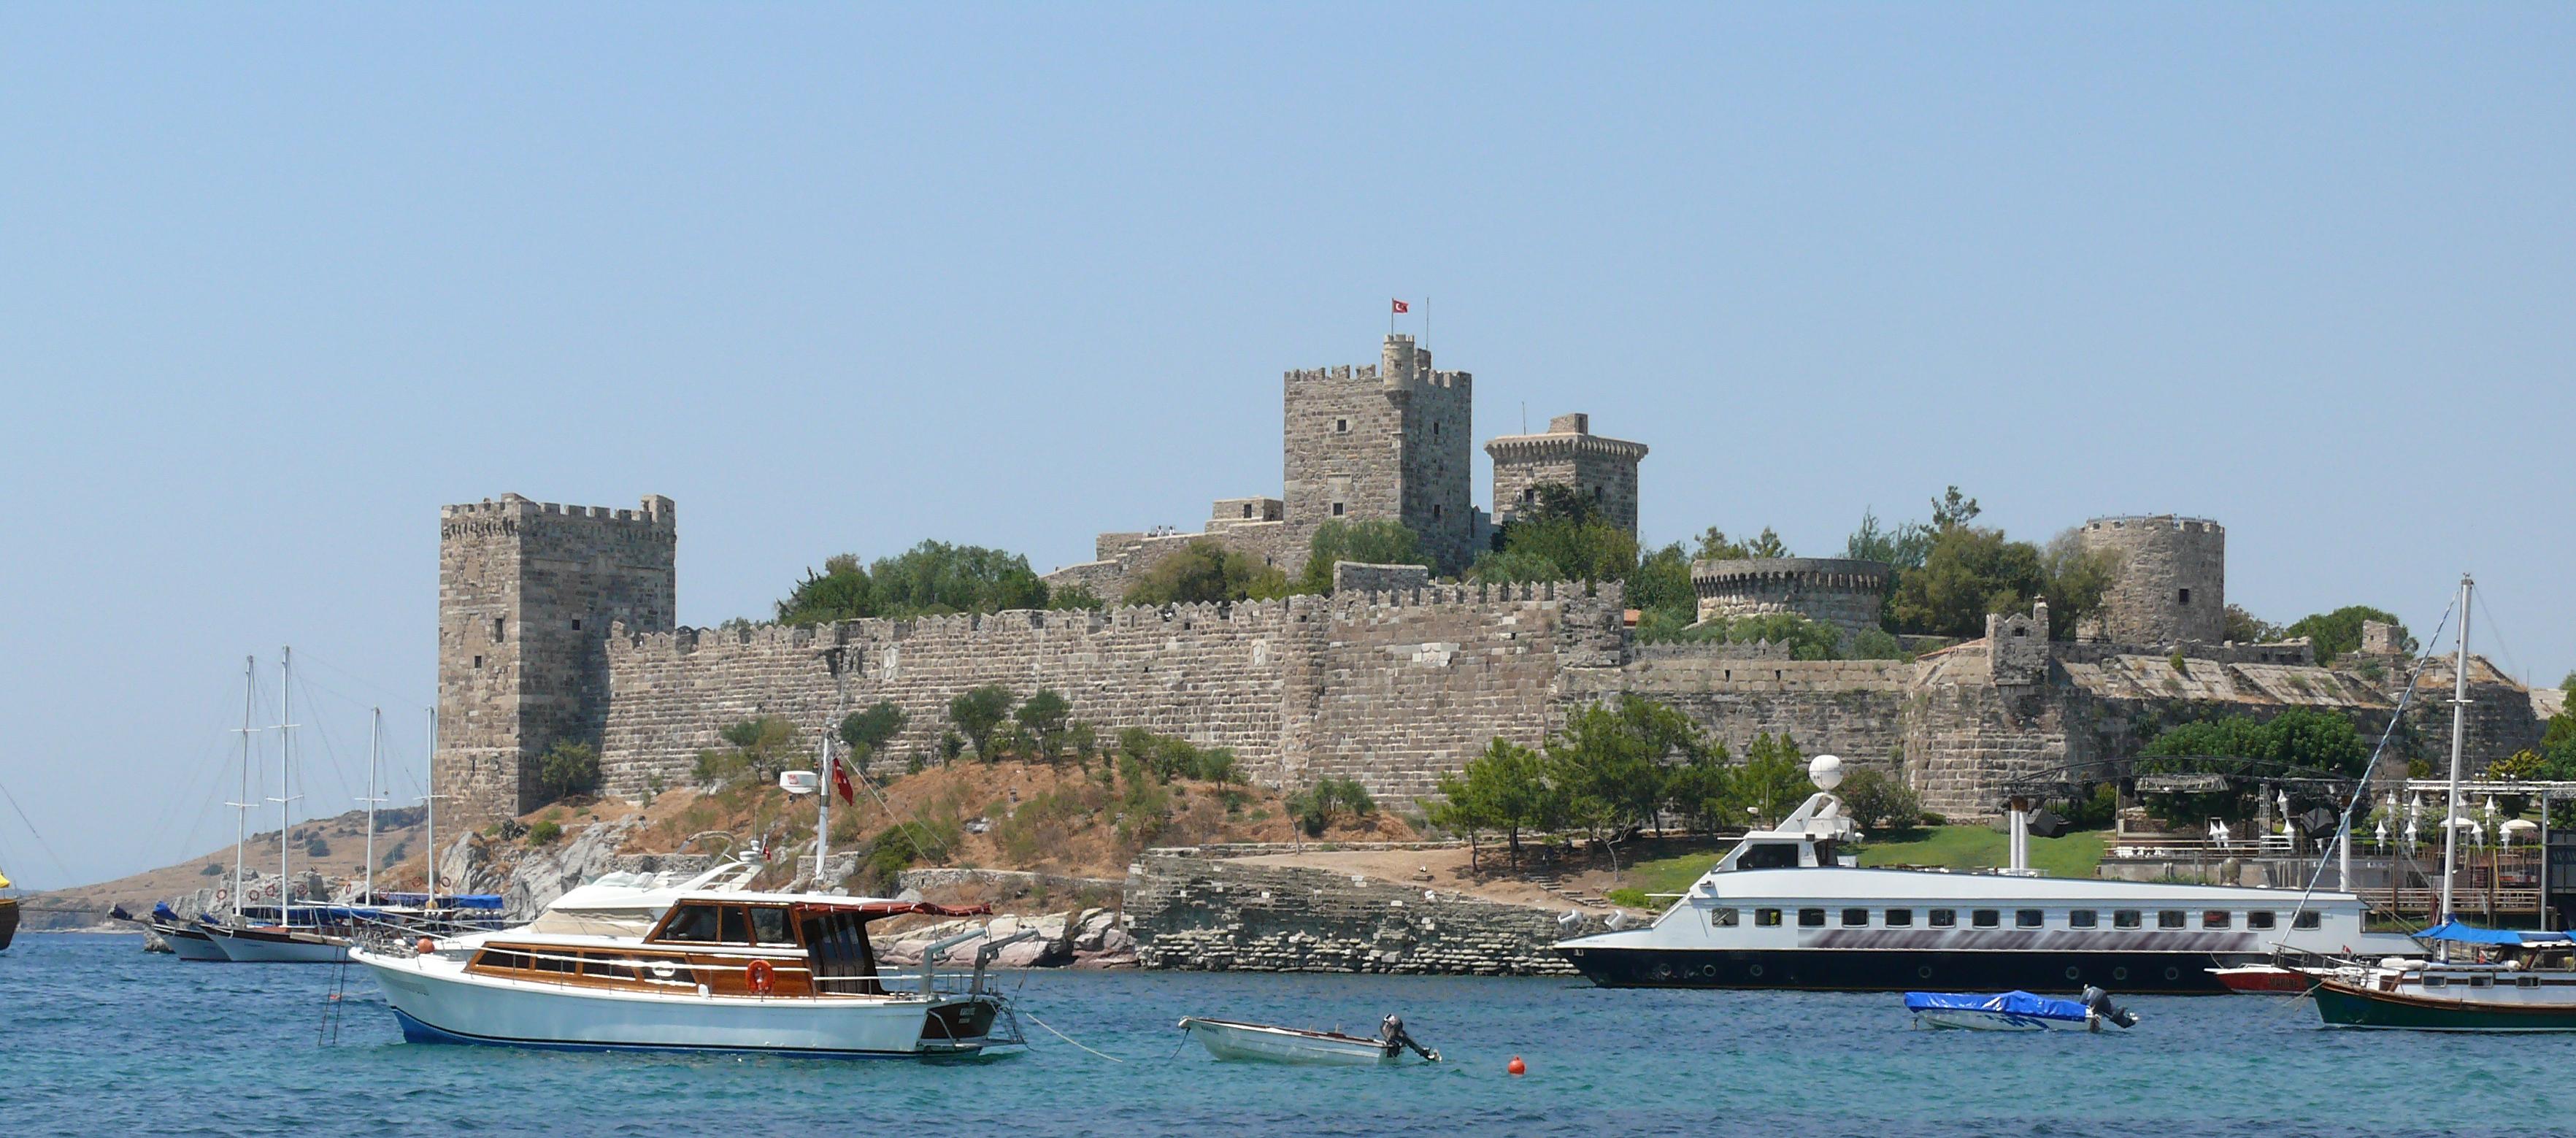 نتيجة بحث الصور عن قلعة بودروم